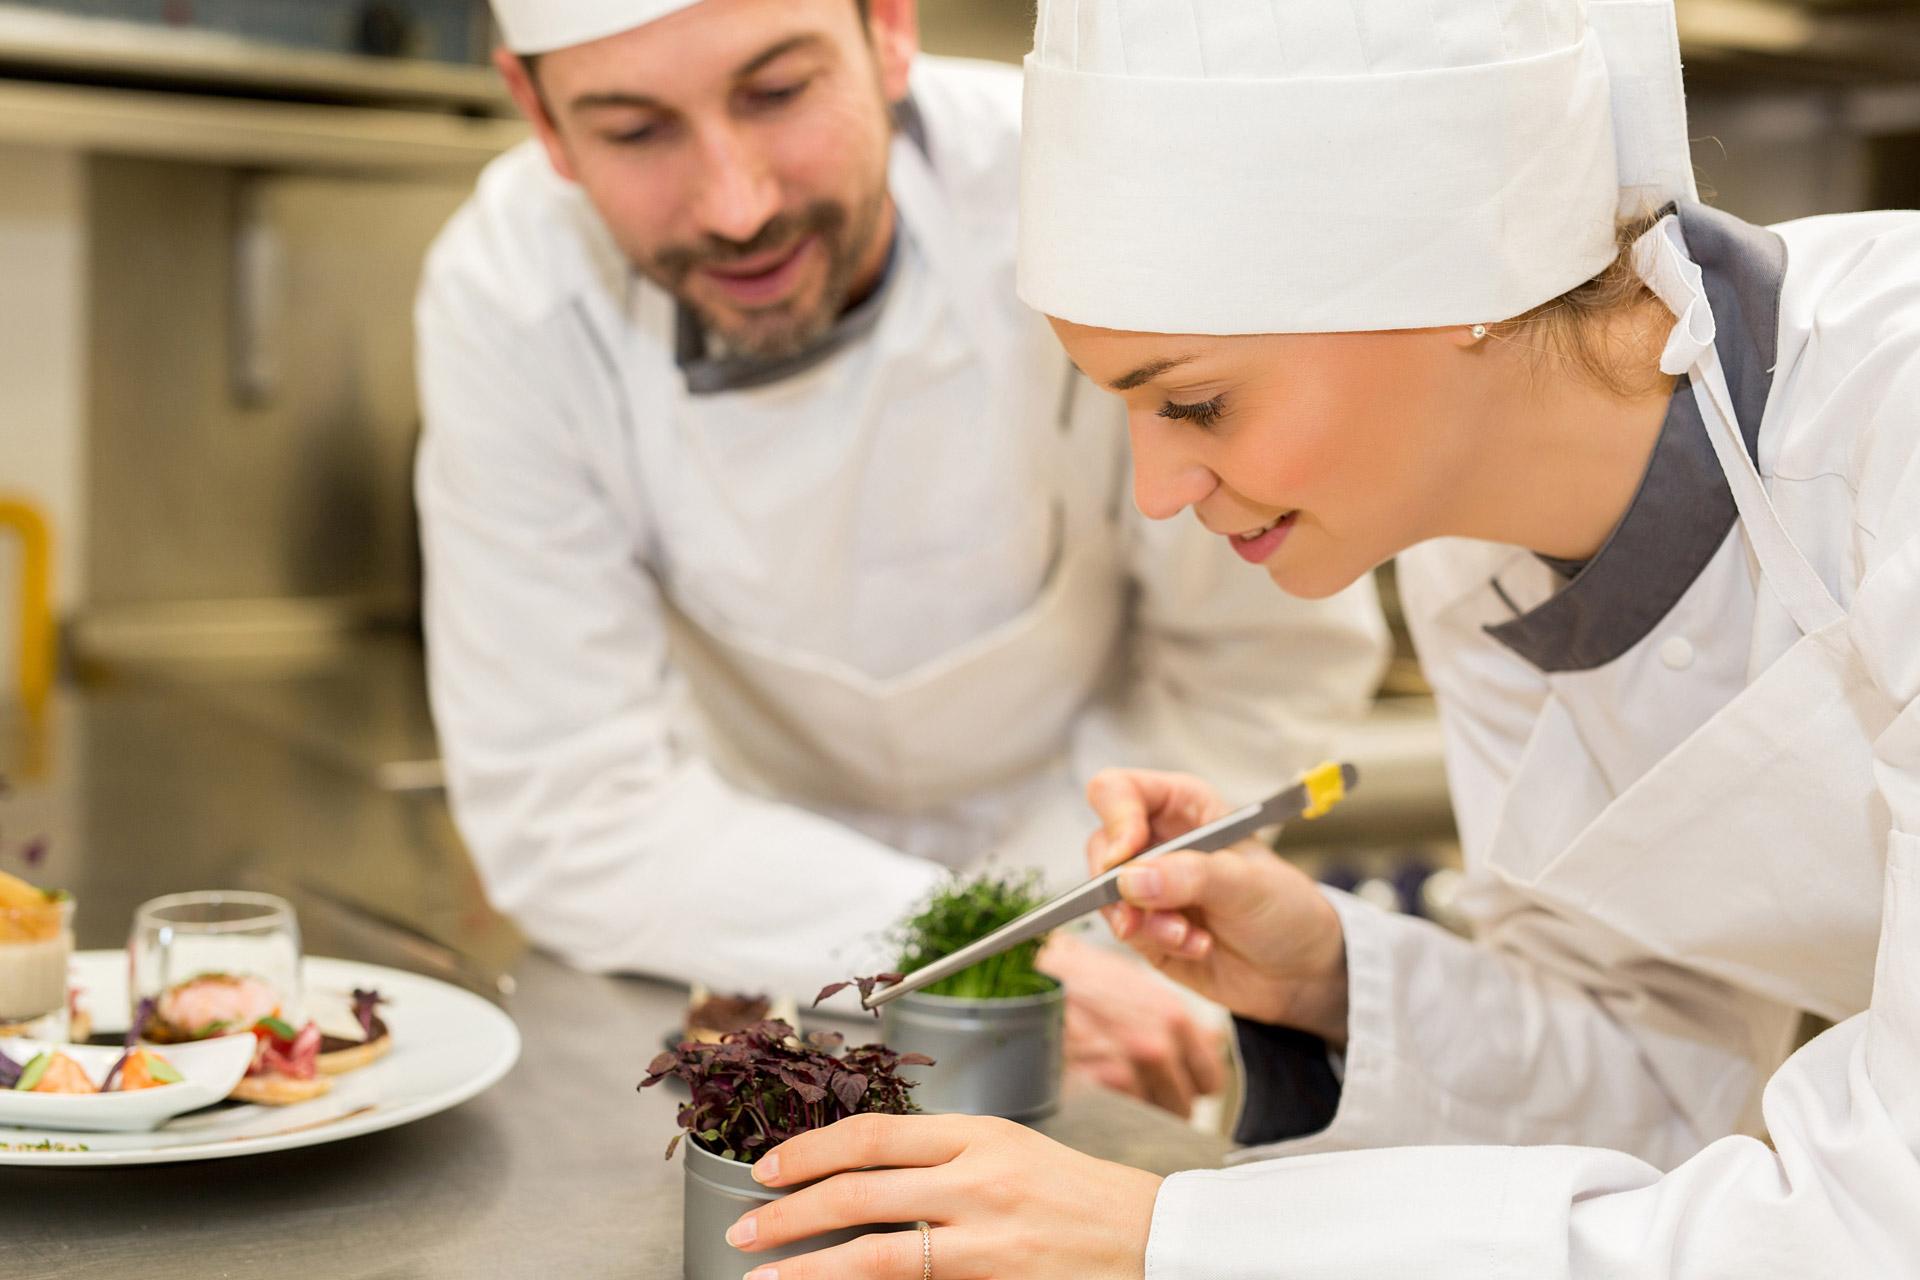 Cuisiniers Valais Documents Utiles